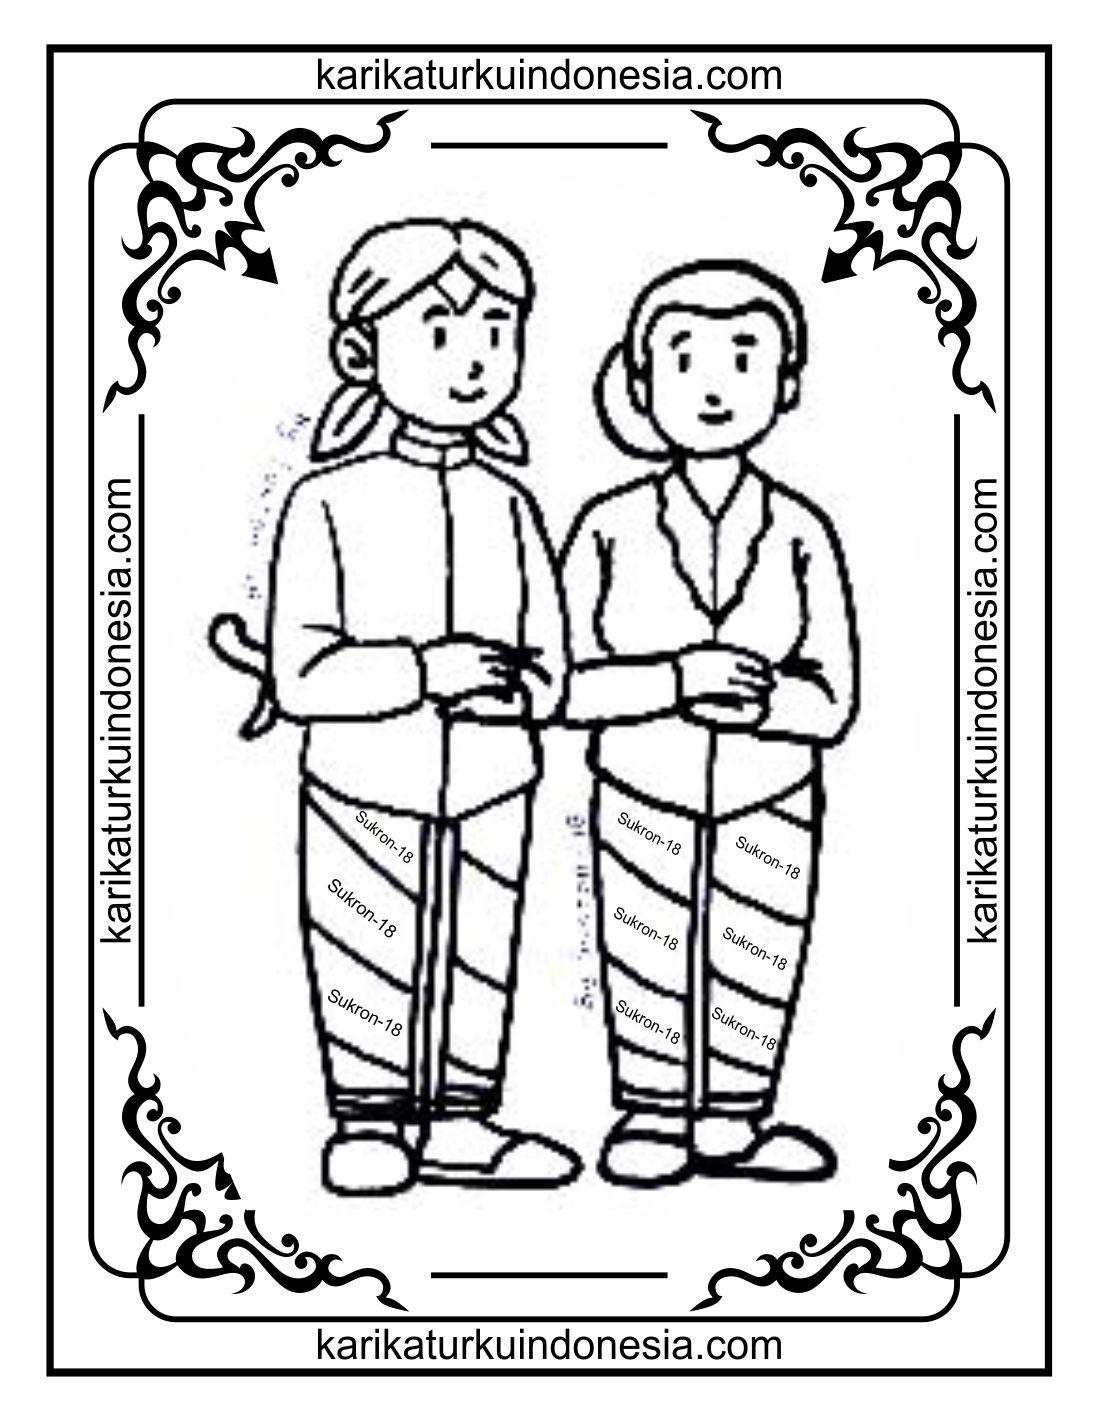 Mewarnai Pakaian Adat : mewarnai, pakaian, Mewarnai, Gambar, Pakaian, Tengah, Cerita, Terbaru, Lucu,, Sedih,, Humor,, Kocak,, Romantis